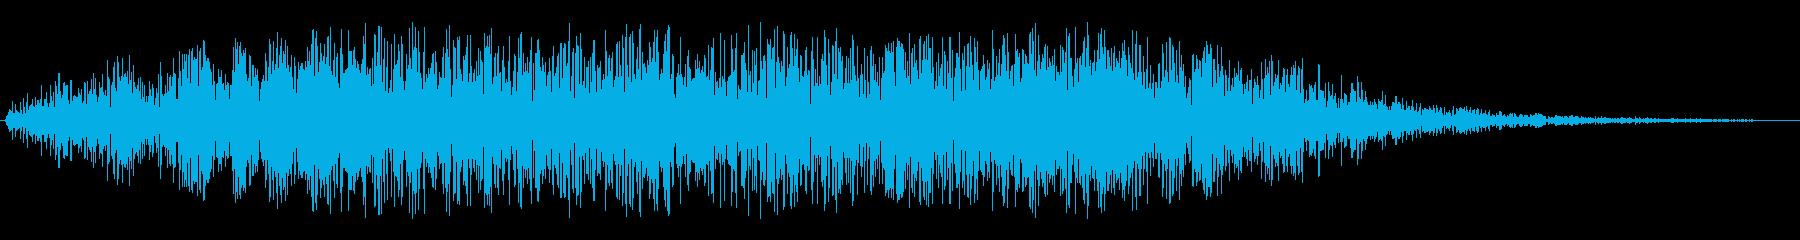 ゴーォォォンという通過音の再生済みの波形